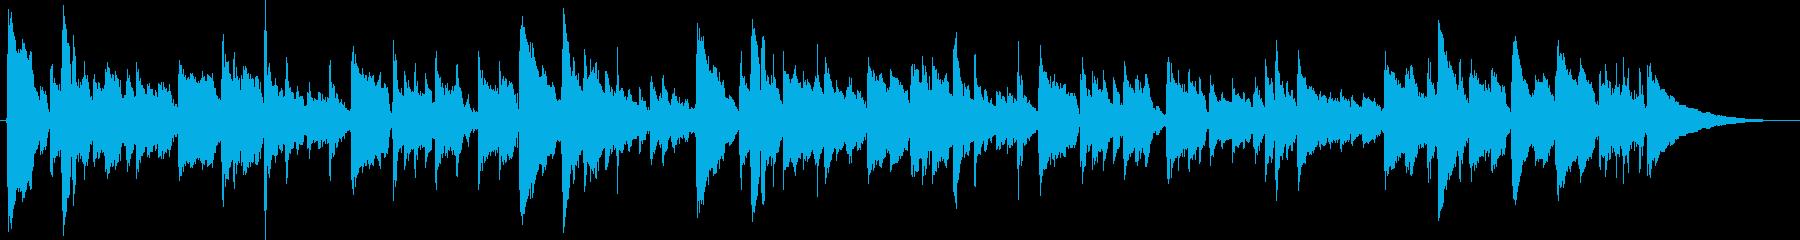 威風堂々(卒業式) アコギ演奏の再生済みの波形